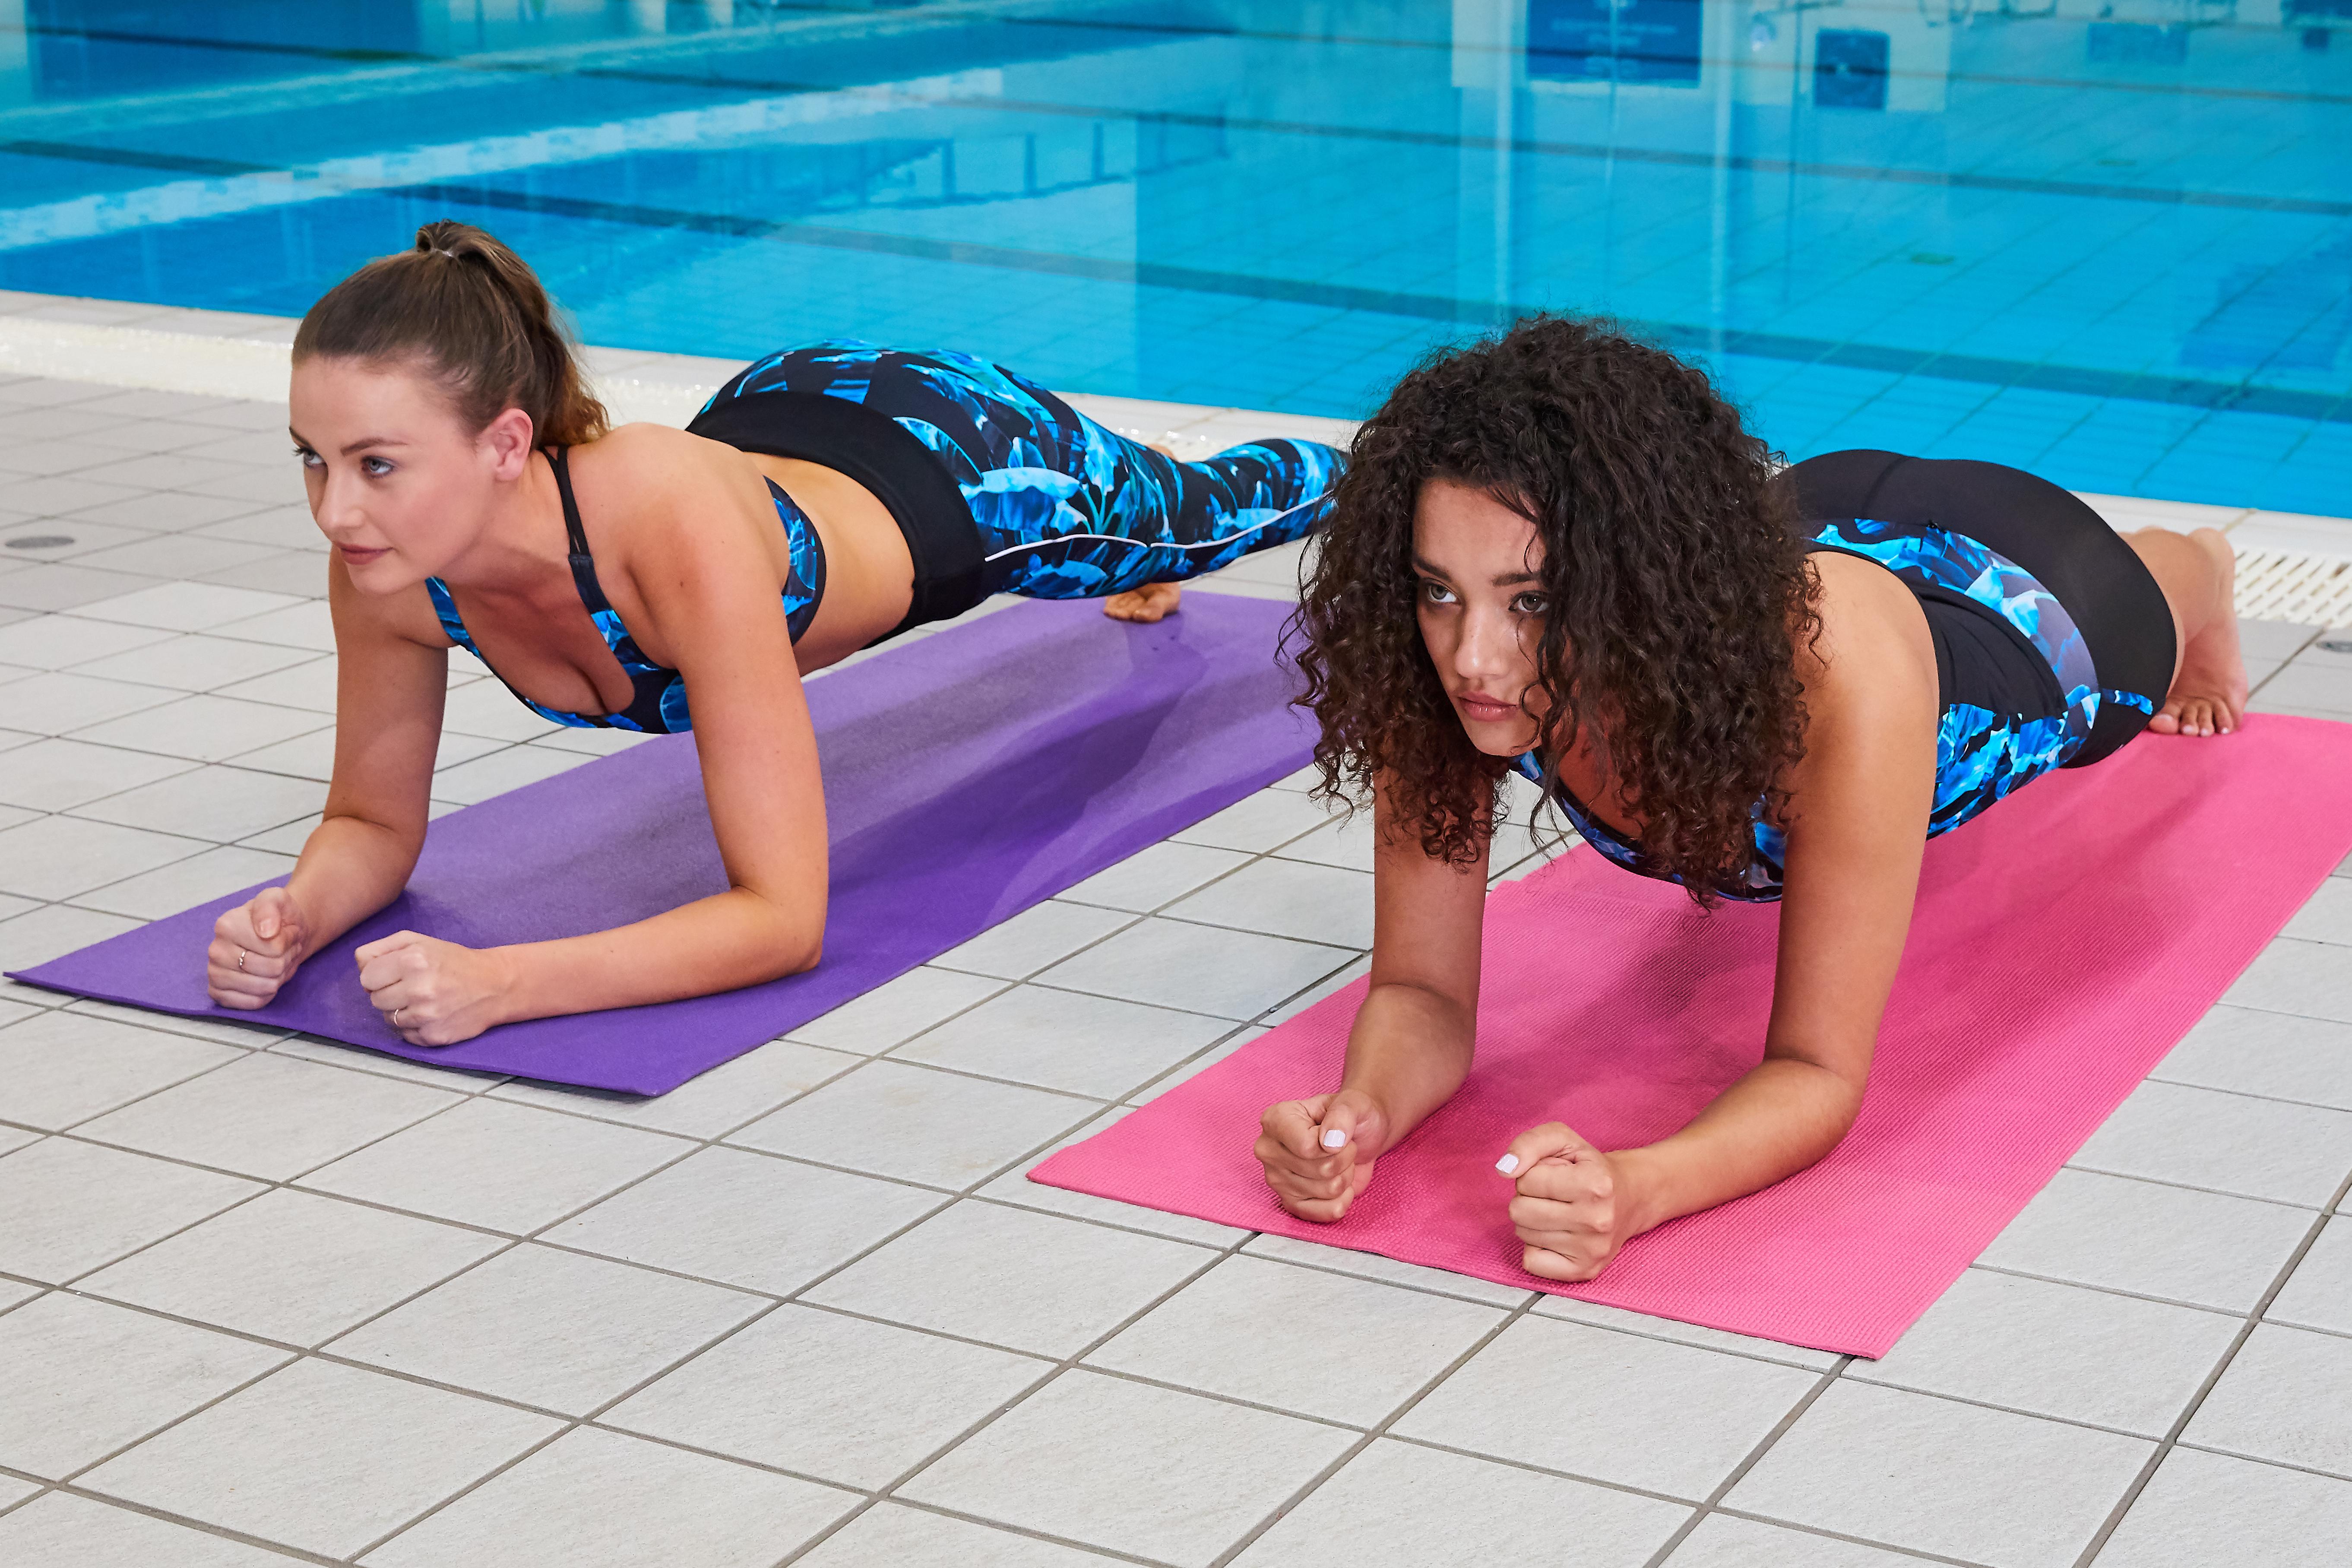 https://speedo.com.au/catalog/womens-swimwear/cross-training